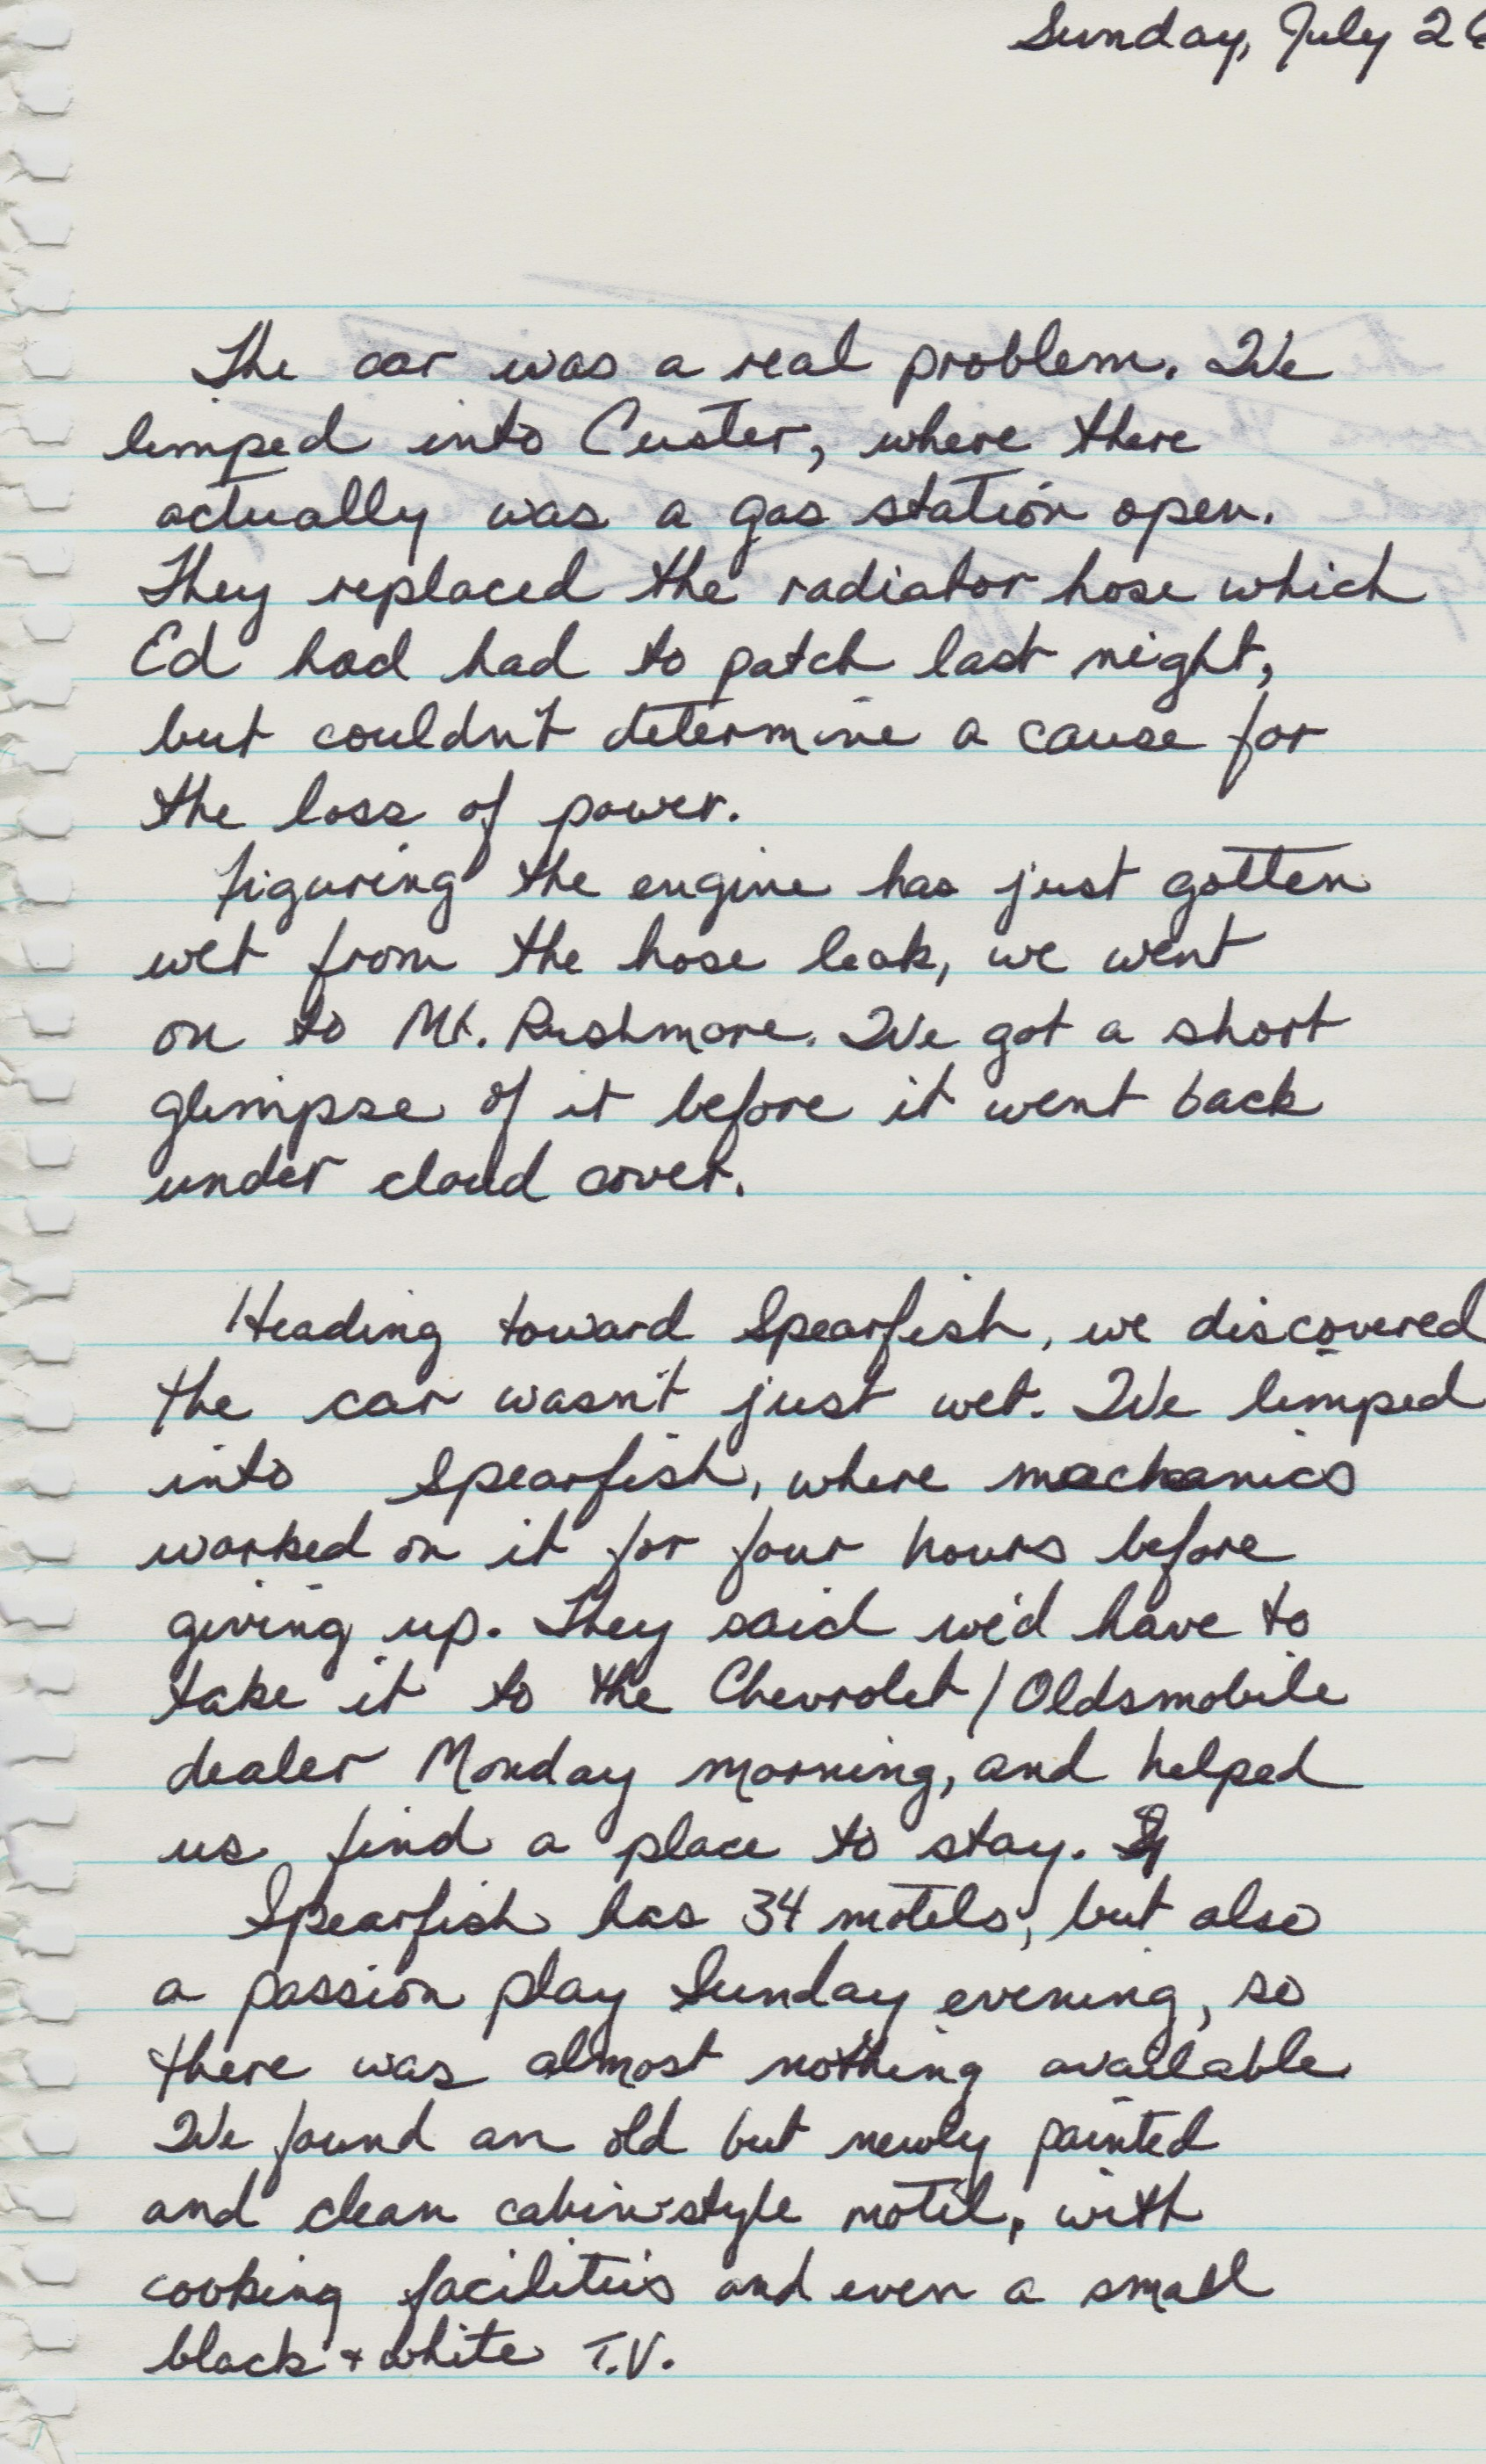 July 26, 1981